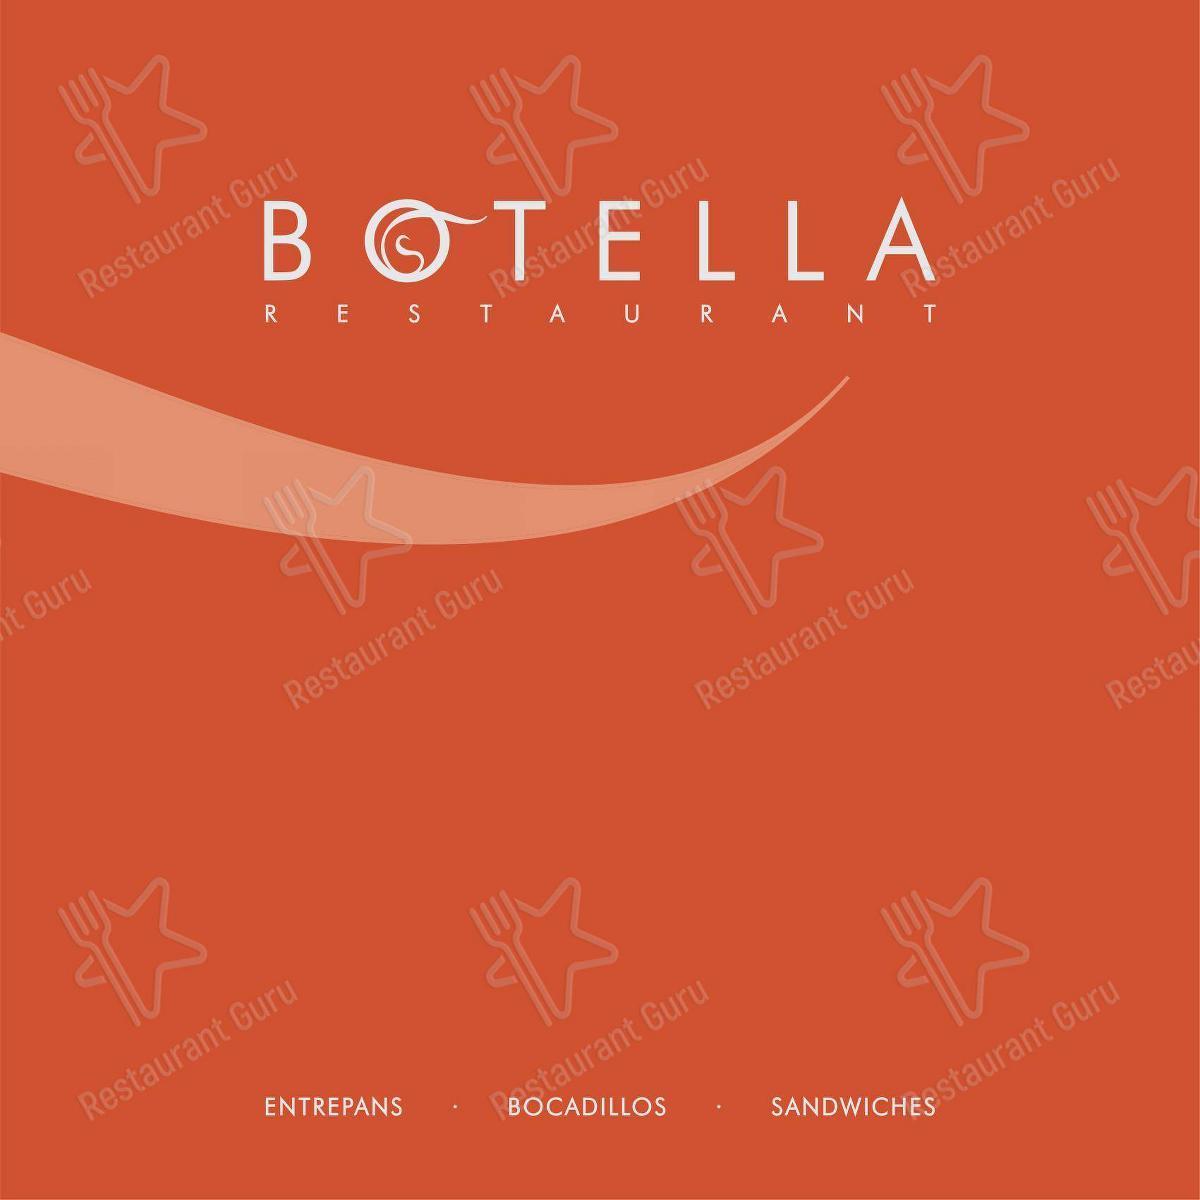 Меню для посетителей ресторана Botella